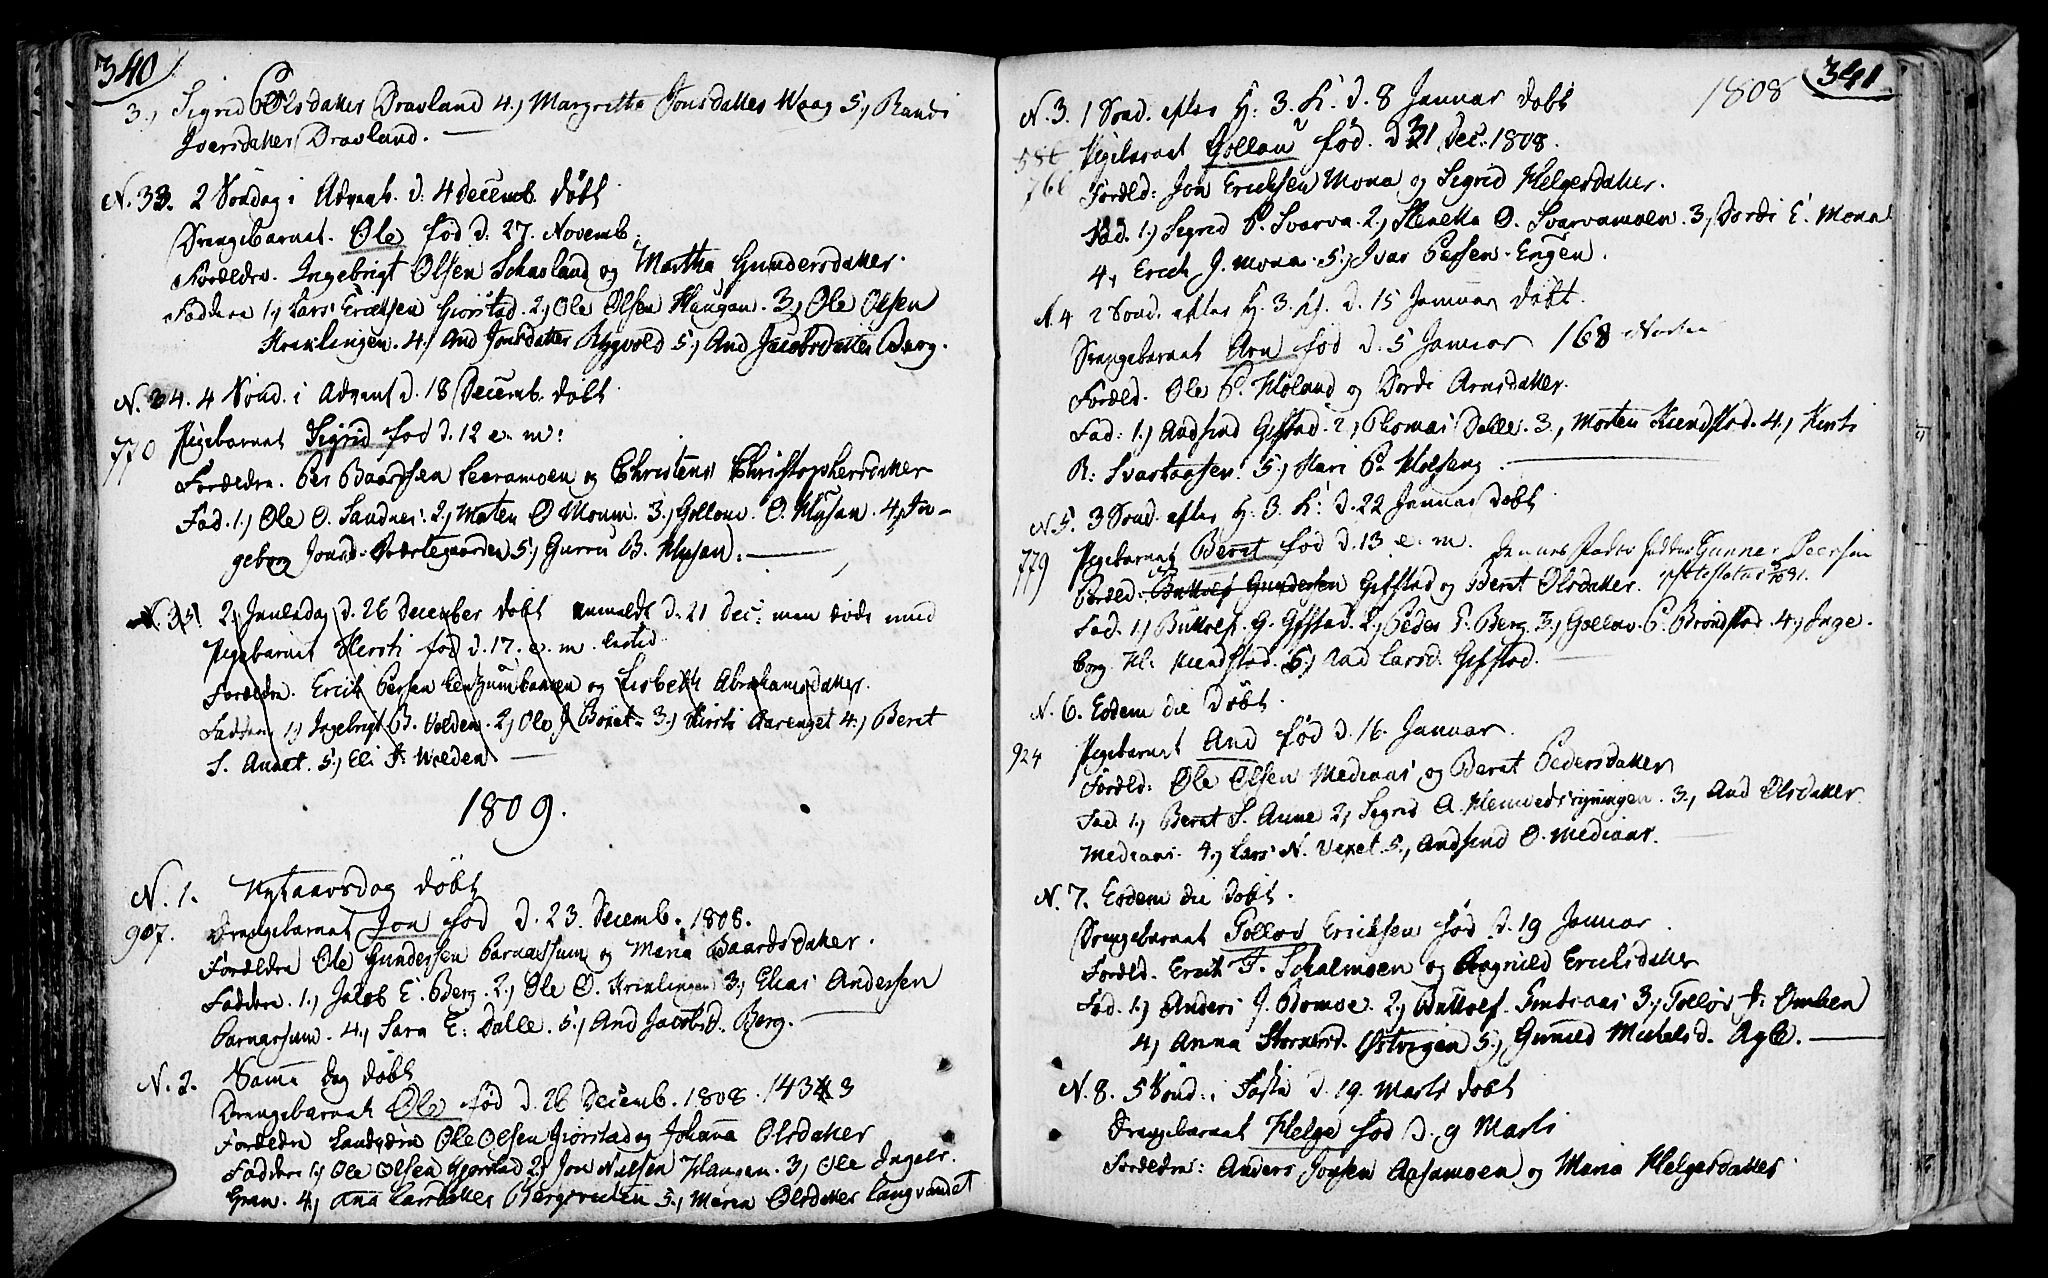 SAT, Ministerialprotokoller, klokkerbøker og fødselsregistre - Nord-Trøndelag, 749/L0468: Ministerialbok nr. 749A02, 1787-1817, s. 340-341